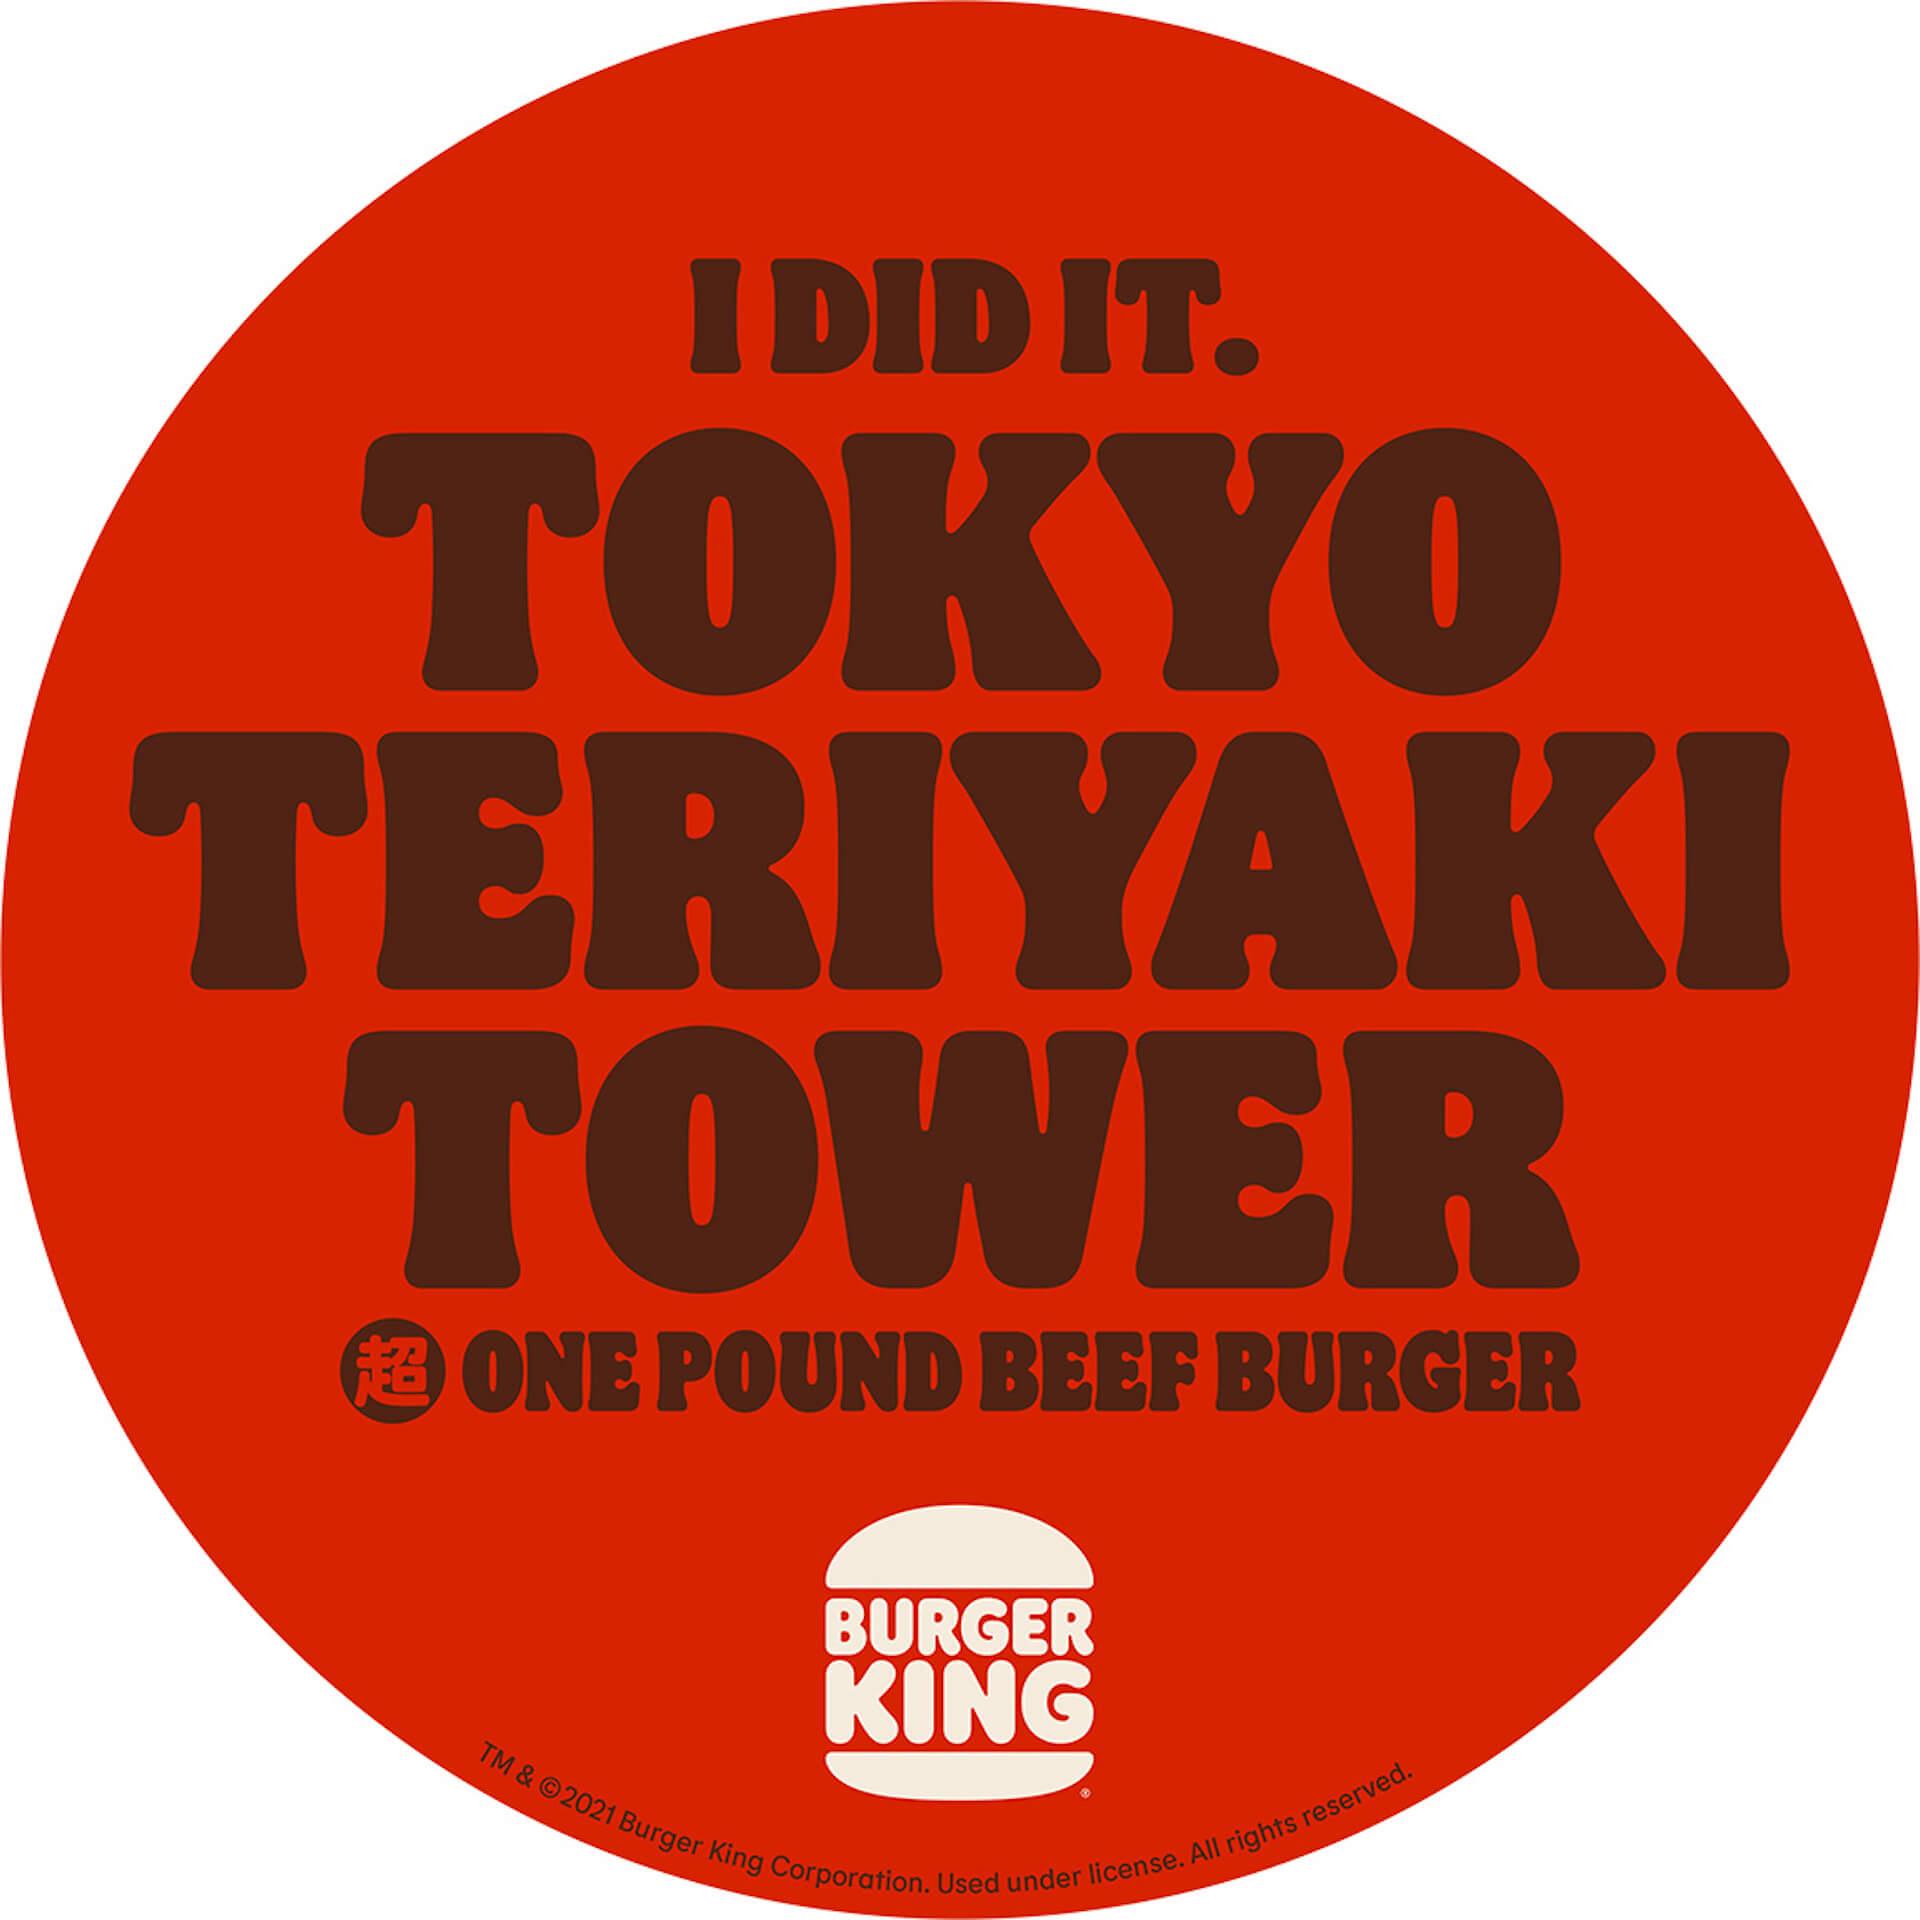 バーガーキングの超ワンパウンドビーフバーガーシリーズに『東京テリヤキタワー超ワンパウンドビーフバーガー』が新登場! gourmet210624_burgerking_10